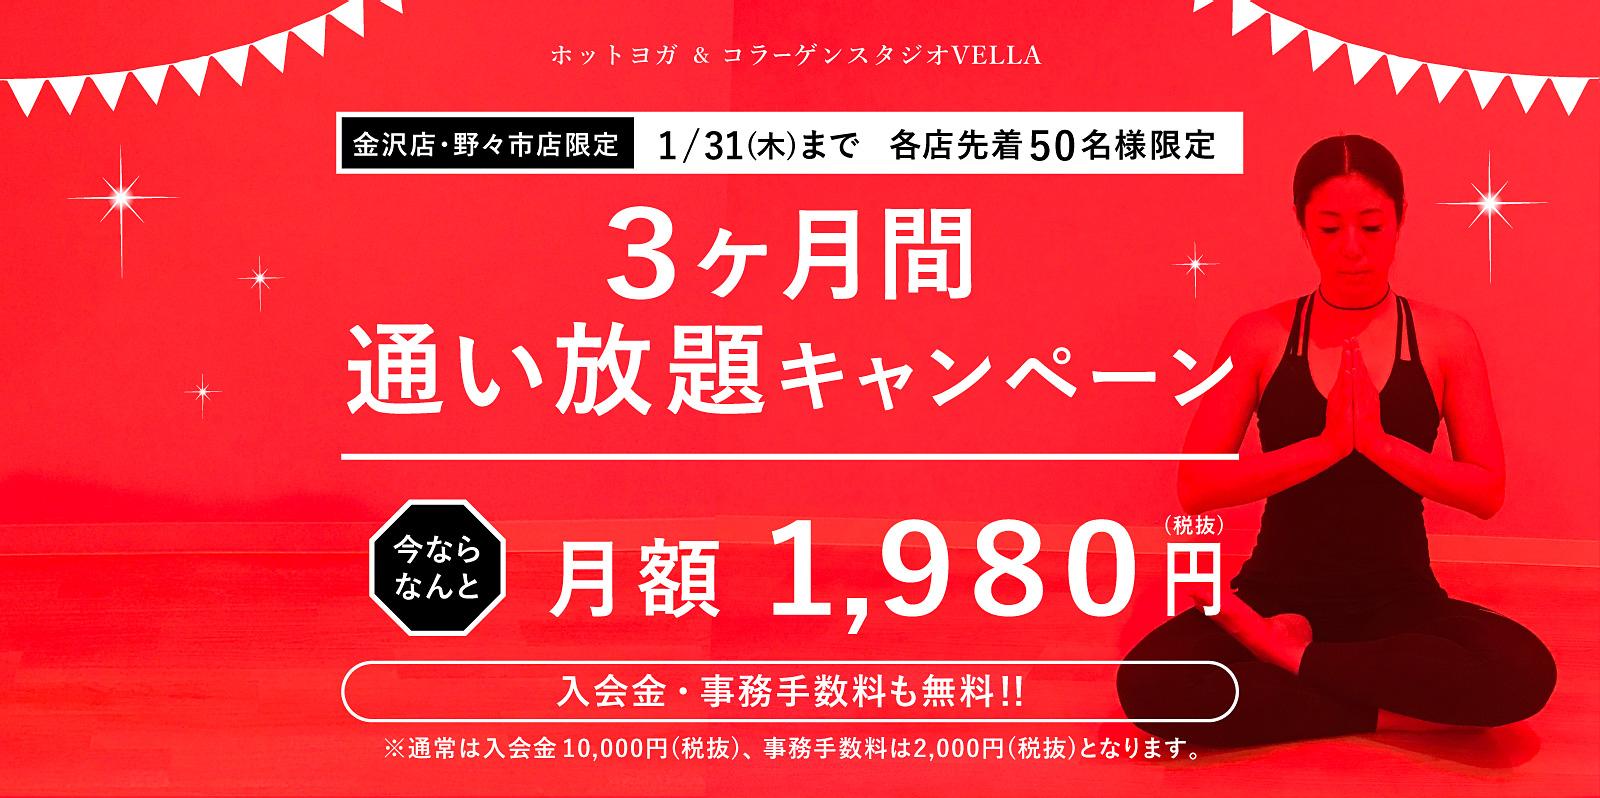 3ヶ月通い放題キャンペーン1980円